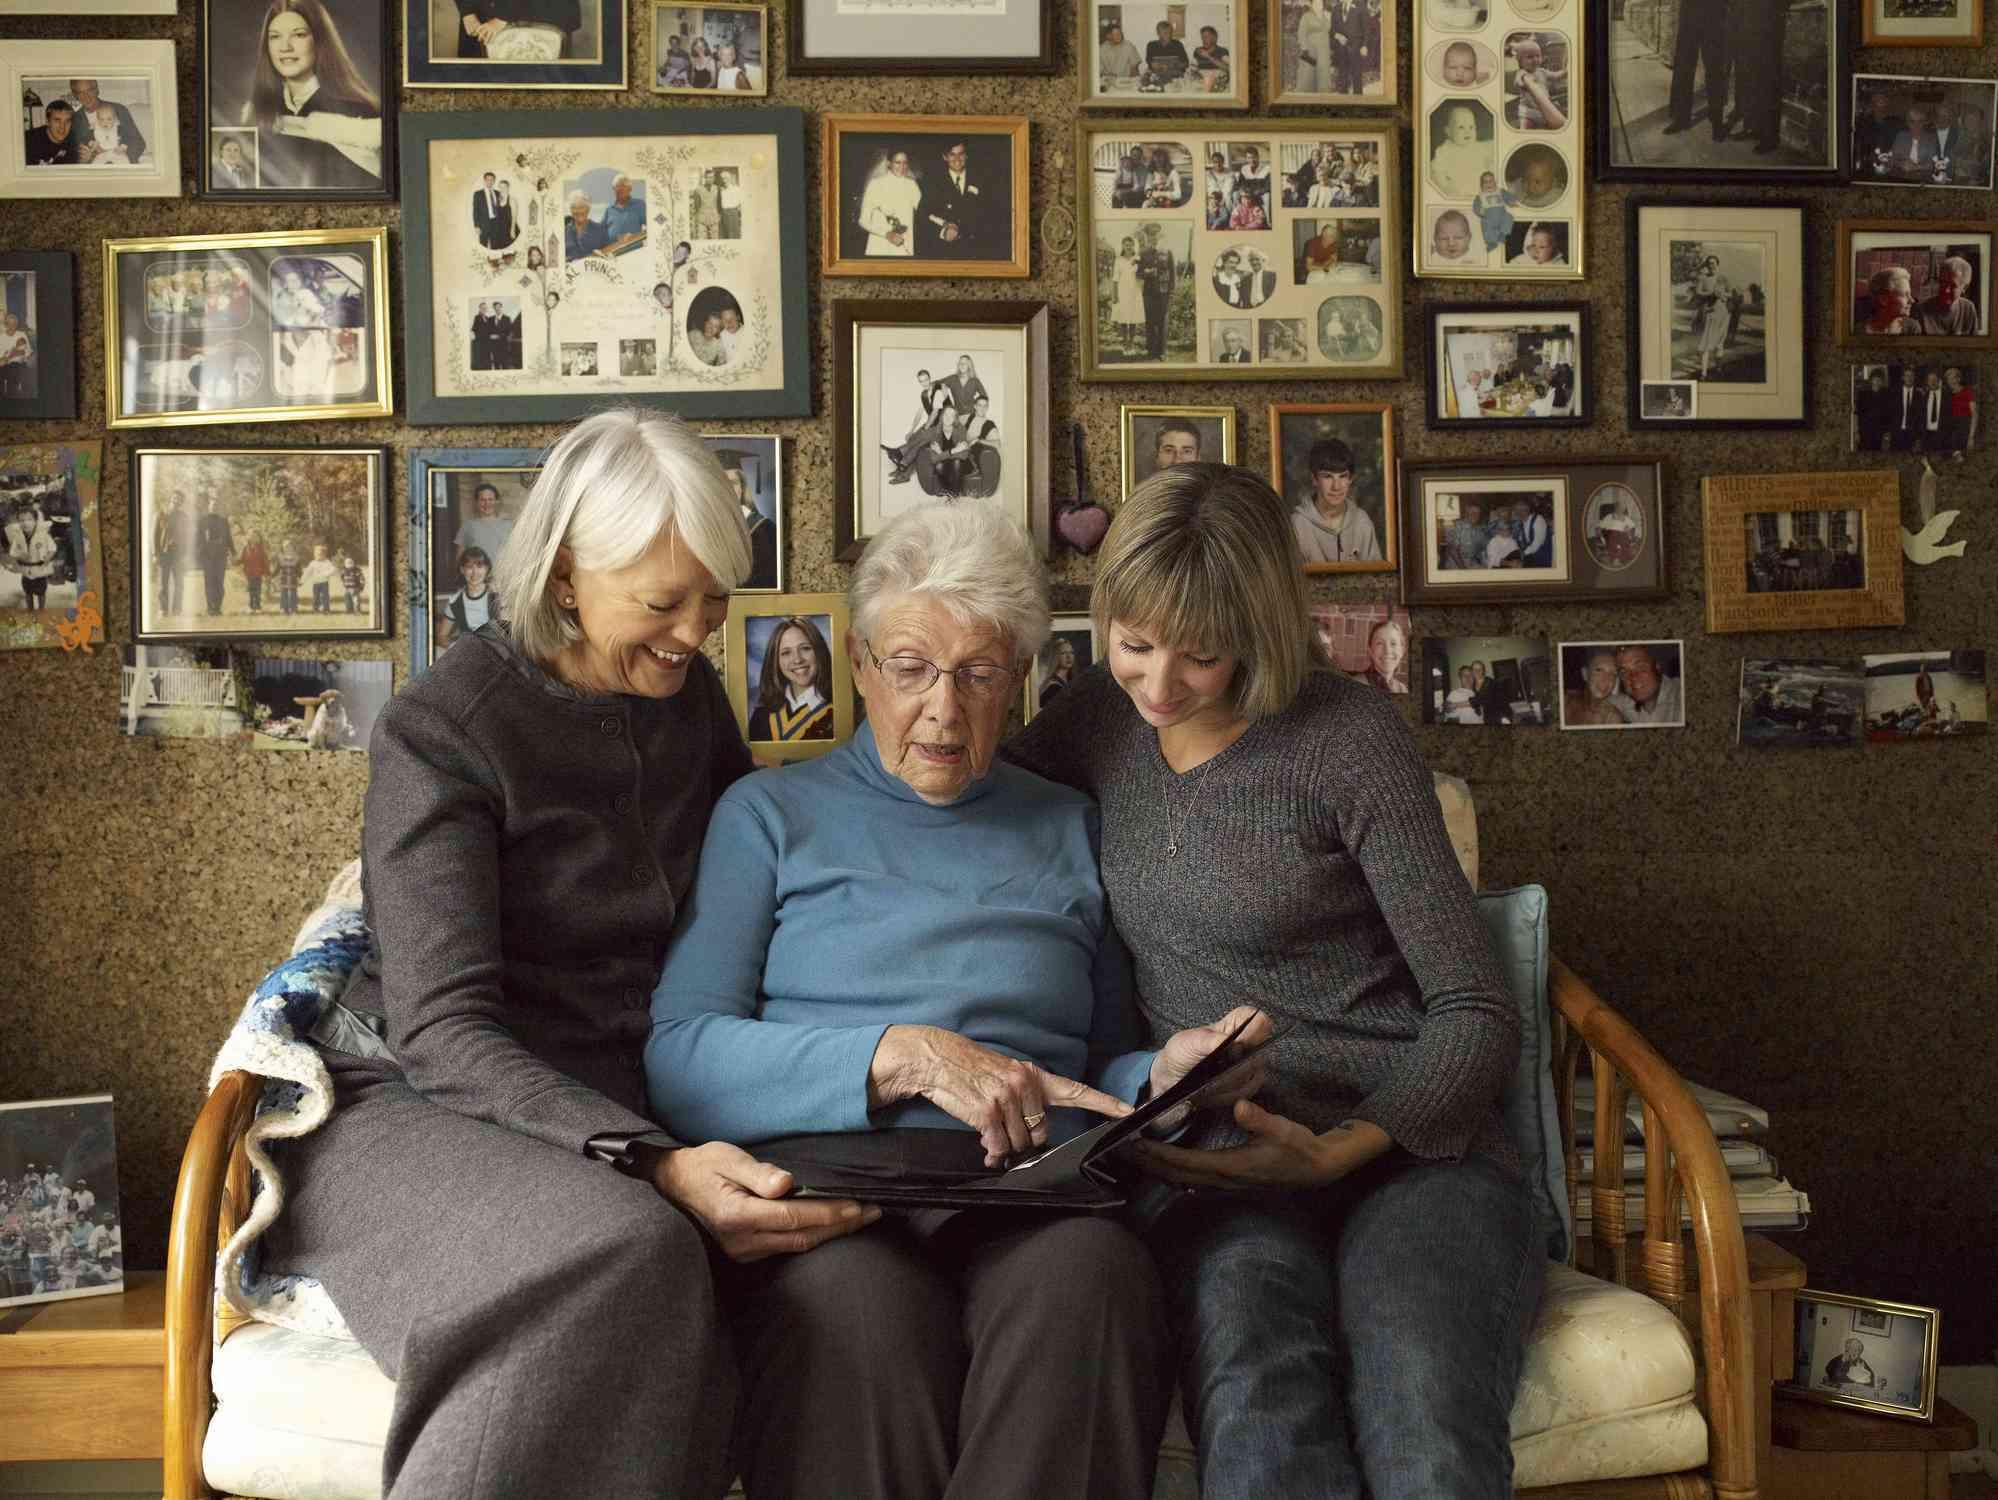 Three generations looking at photographs